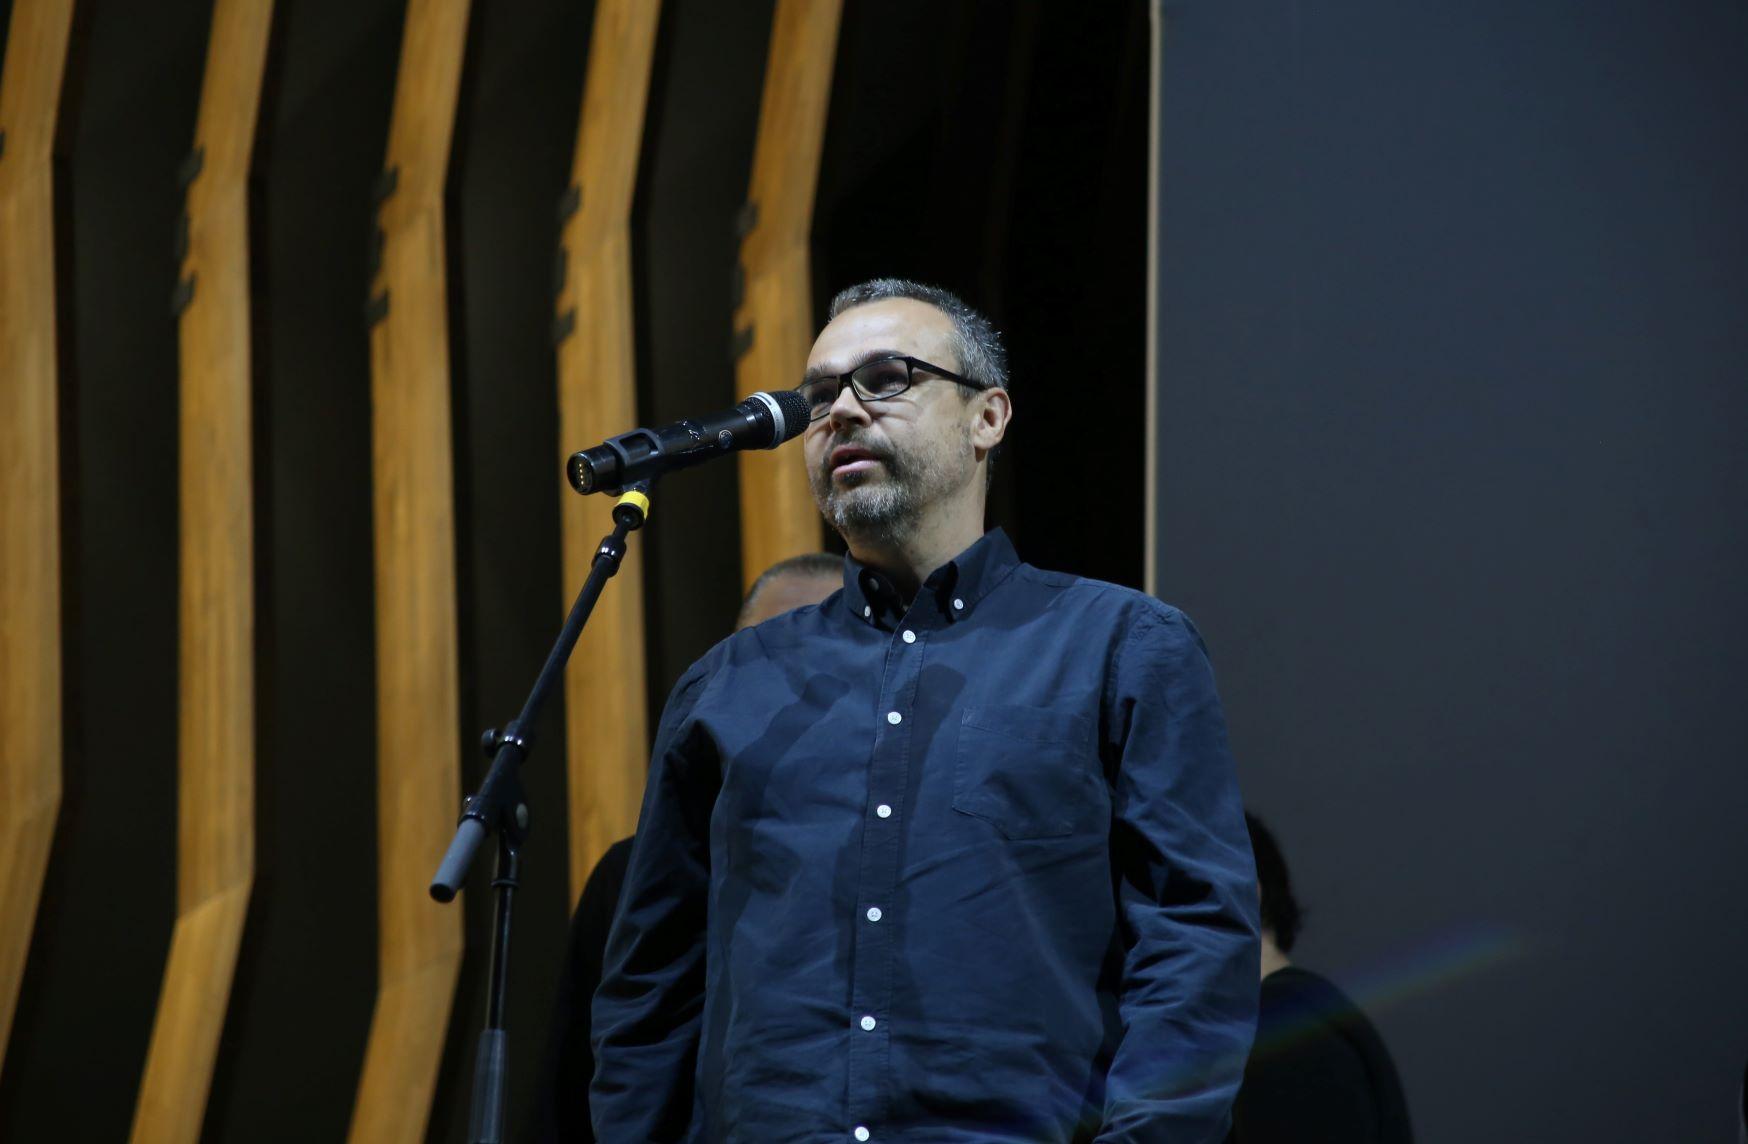 Goran Devic